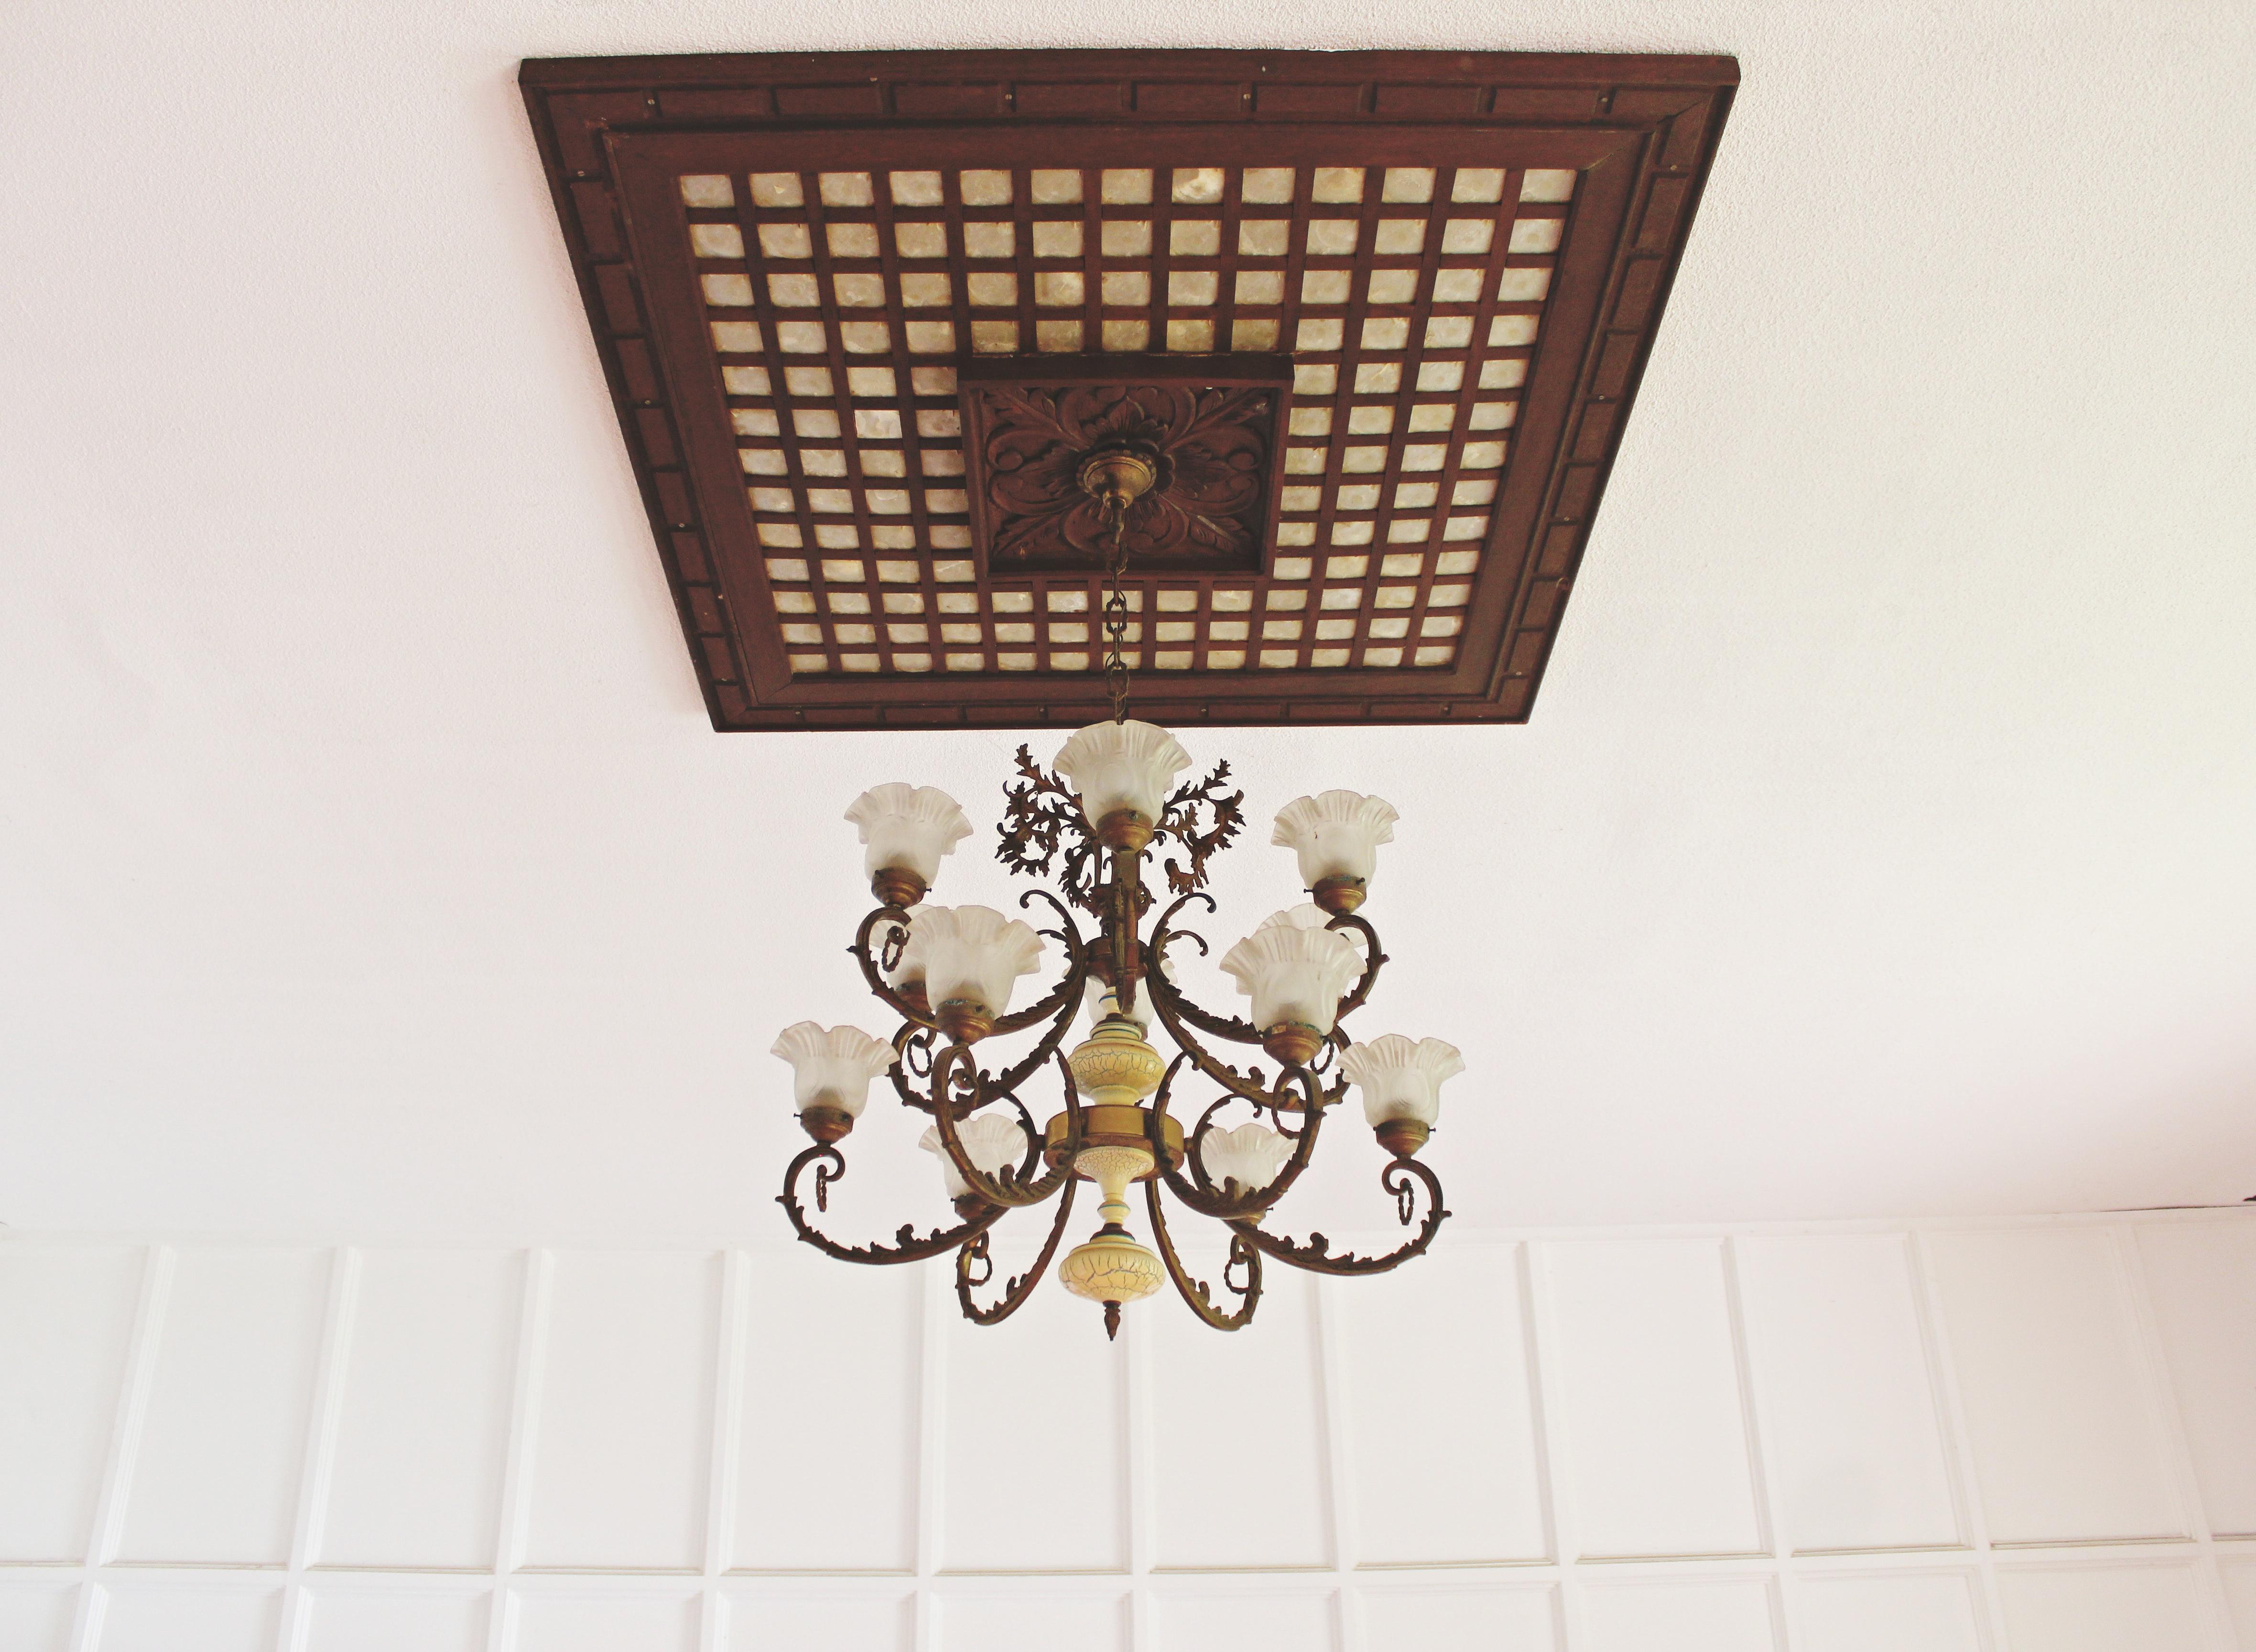 무료 이미지 : 천장, 무늬, 조명, 디자인, 전등, 샹들리에, 보루 ...